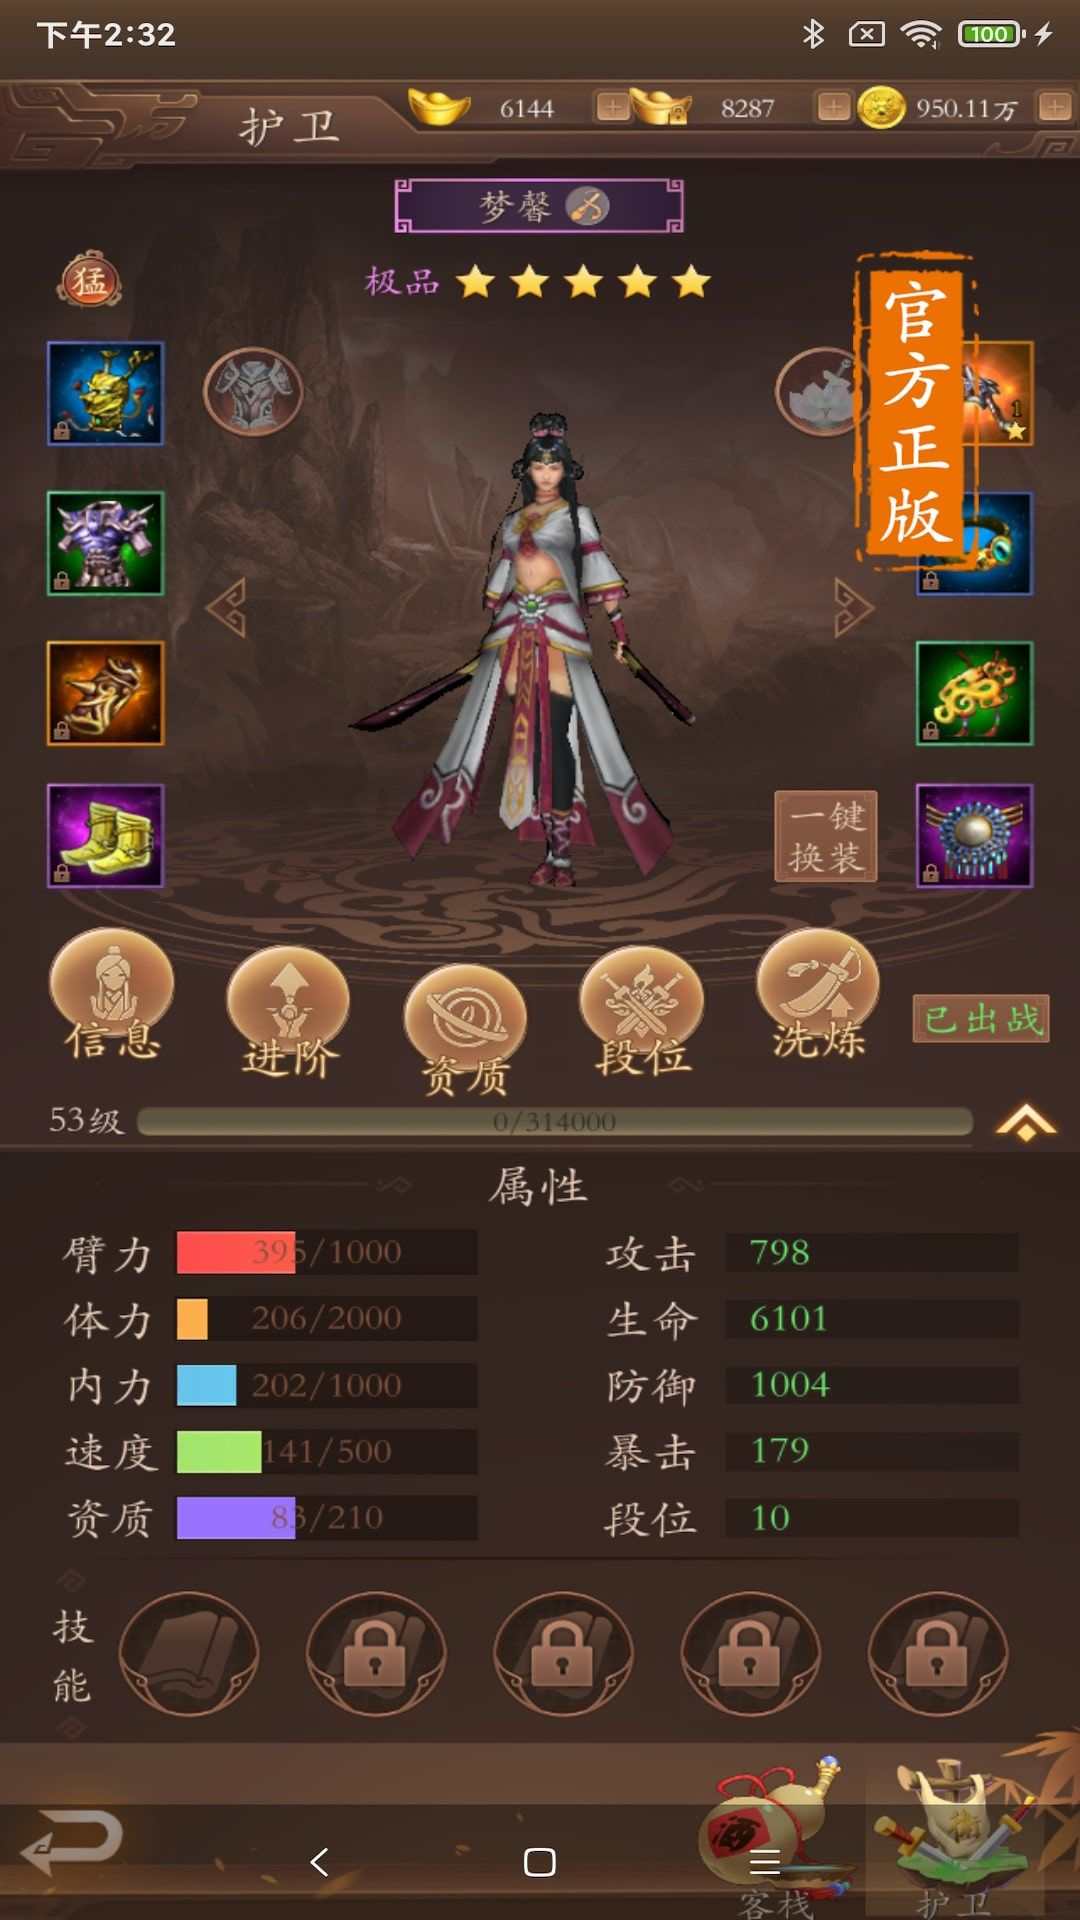 龙印OL_游戏介绍图